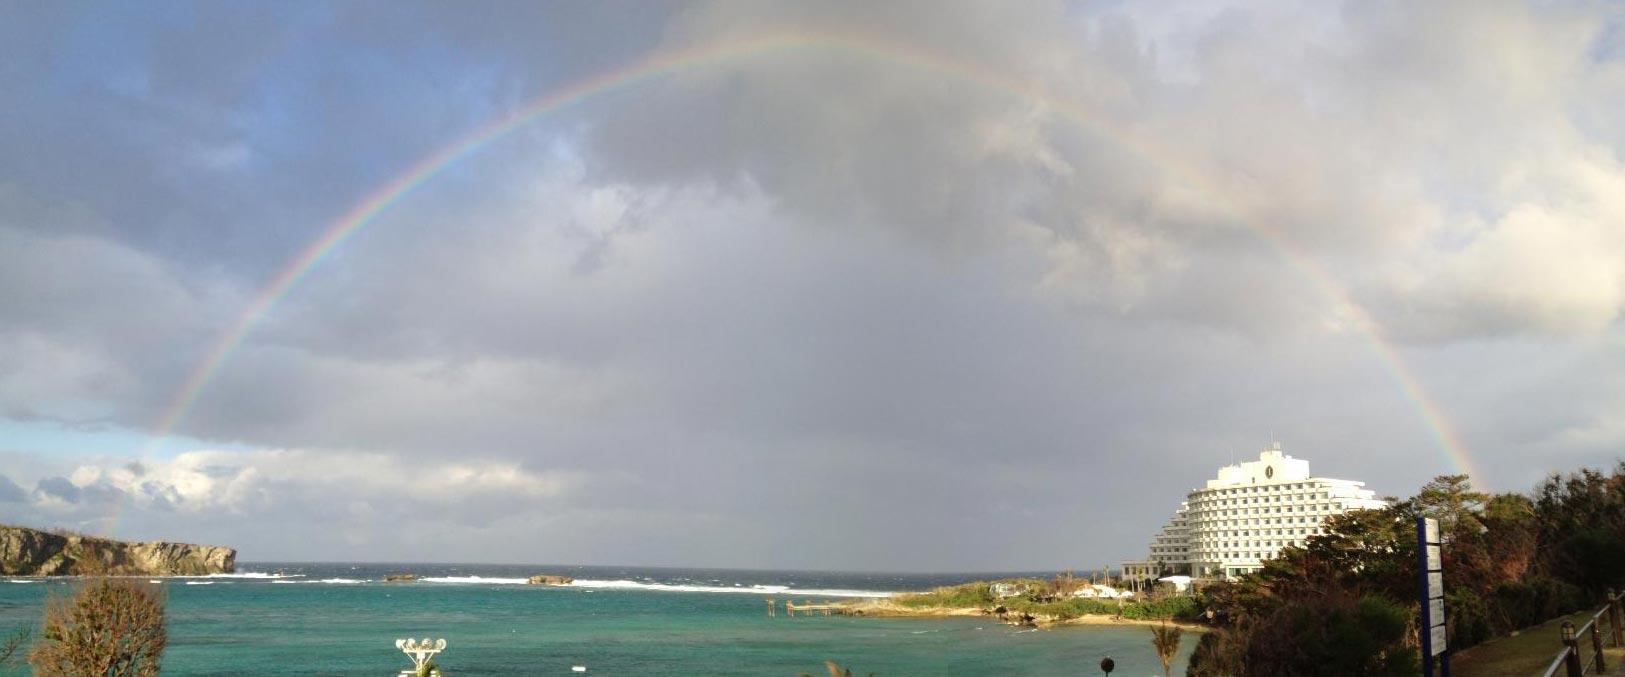 大きな半円を描く虹